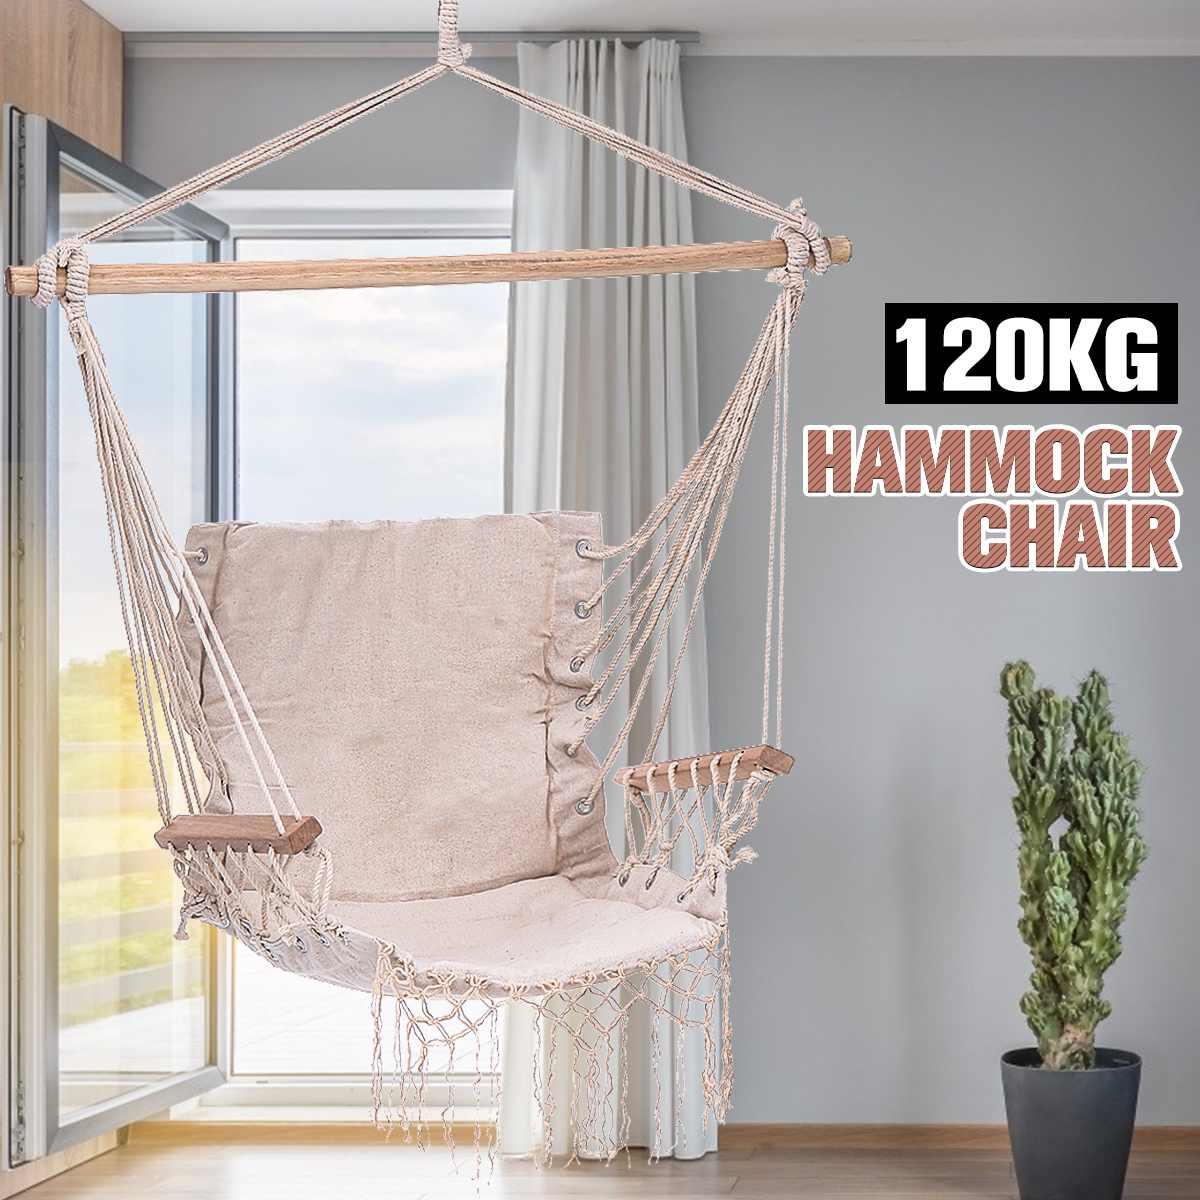 Cotton Rope Hammock Chair Hammock Swing Hanging Chair Outdoor Indoor Home Garden Hanging Rope Chair Swing Chair Swinging Bed